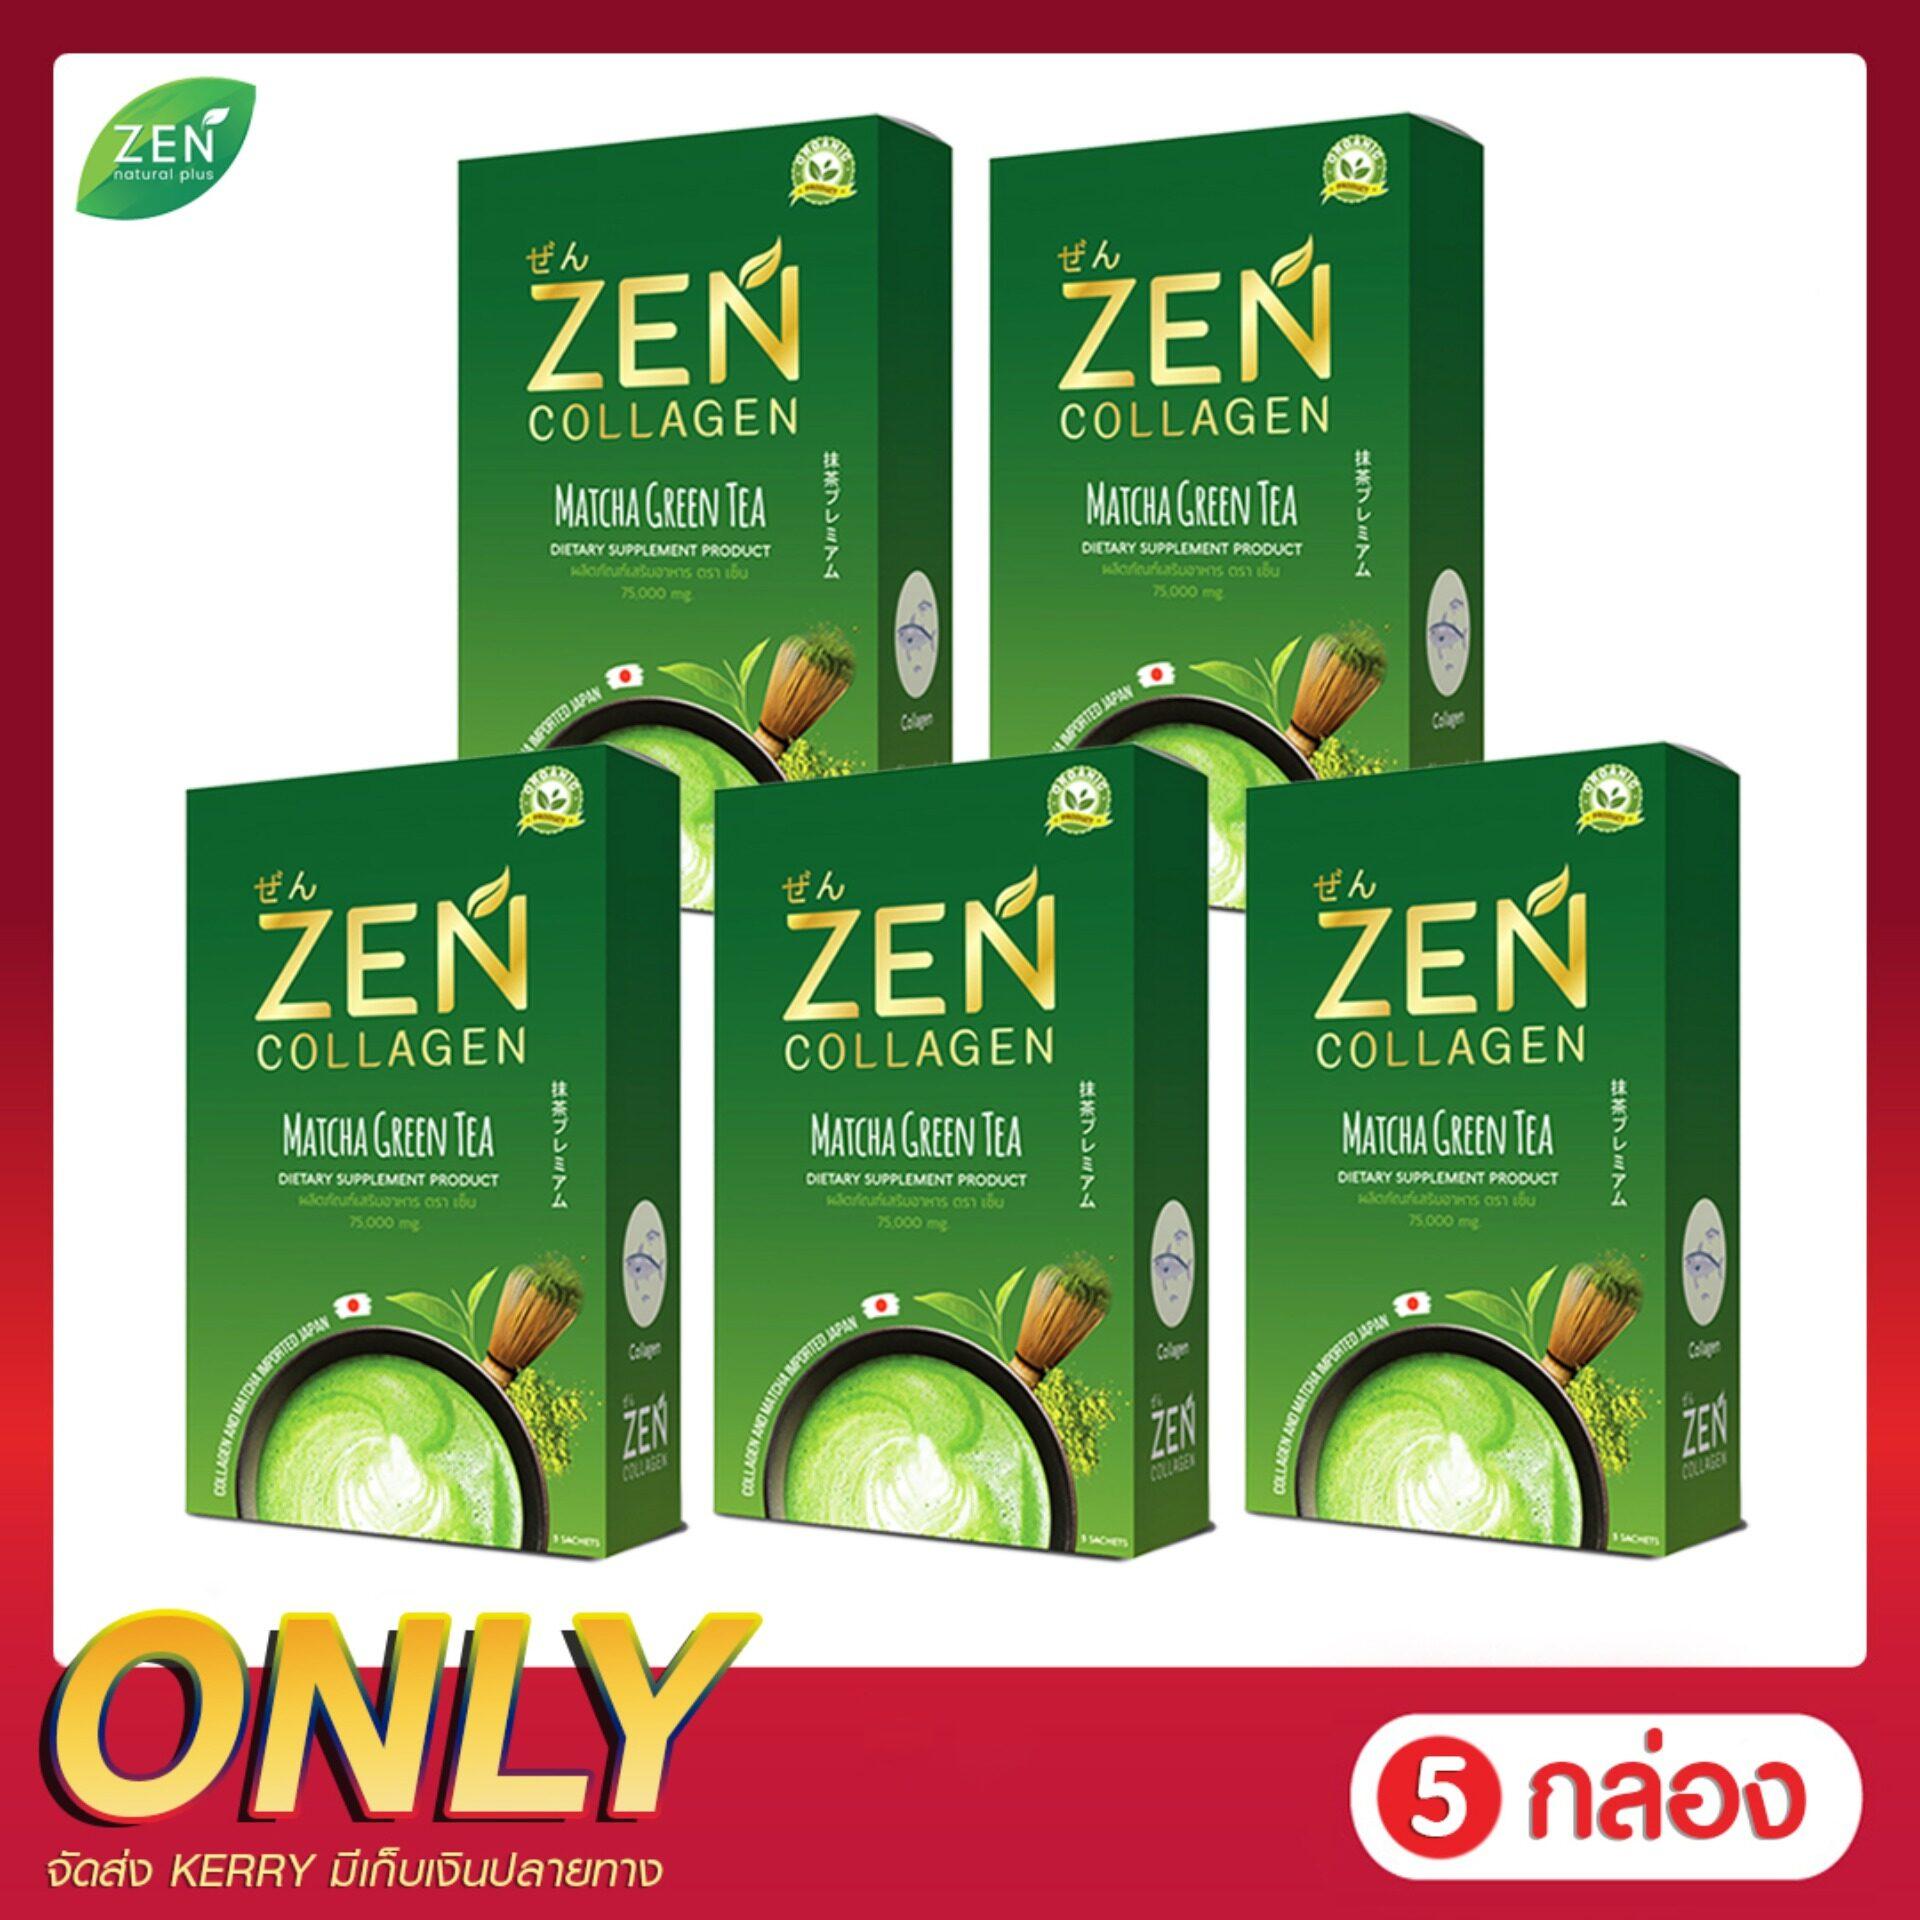 Zen Collagen เซ็นคอลลาเจน [ เซ็ต 5 กล่อง ] คอลลาเจน ชาเขียว เกรดพรีเมี่ยม แบบชงดื่ม เผยผิวขาวกระจ่างใส สุพภาพดี อร่อย หอมหวาน ไม่อ้วน มี อย. คอลลาเจนยี่ห้อไหนดี อาหารเสริม ผิวขาว คอลลาเจนผิวขาว By Zen Natural Plus คอลลาเจนที่ดีที่สุด ( 5 ซอง / กล่อง ).